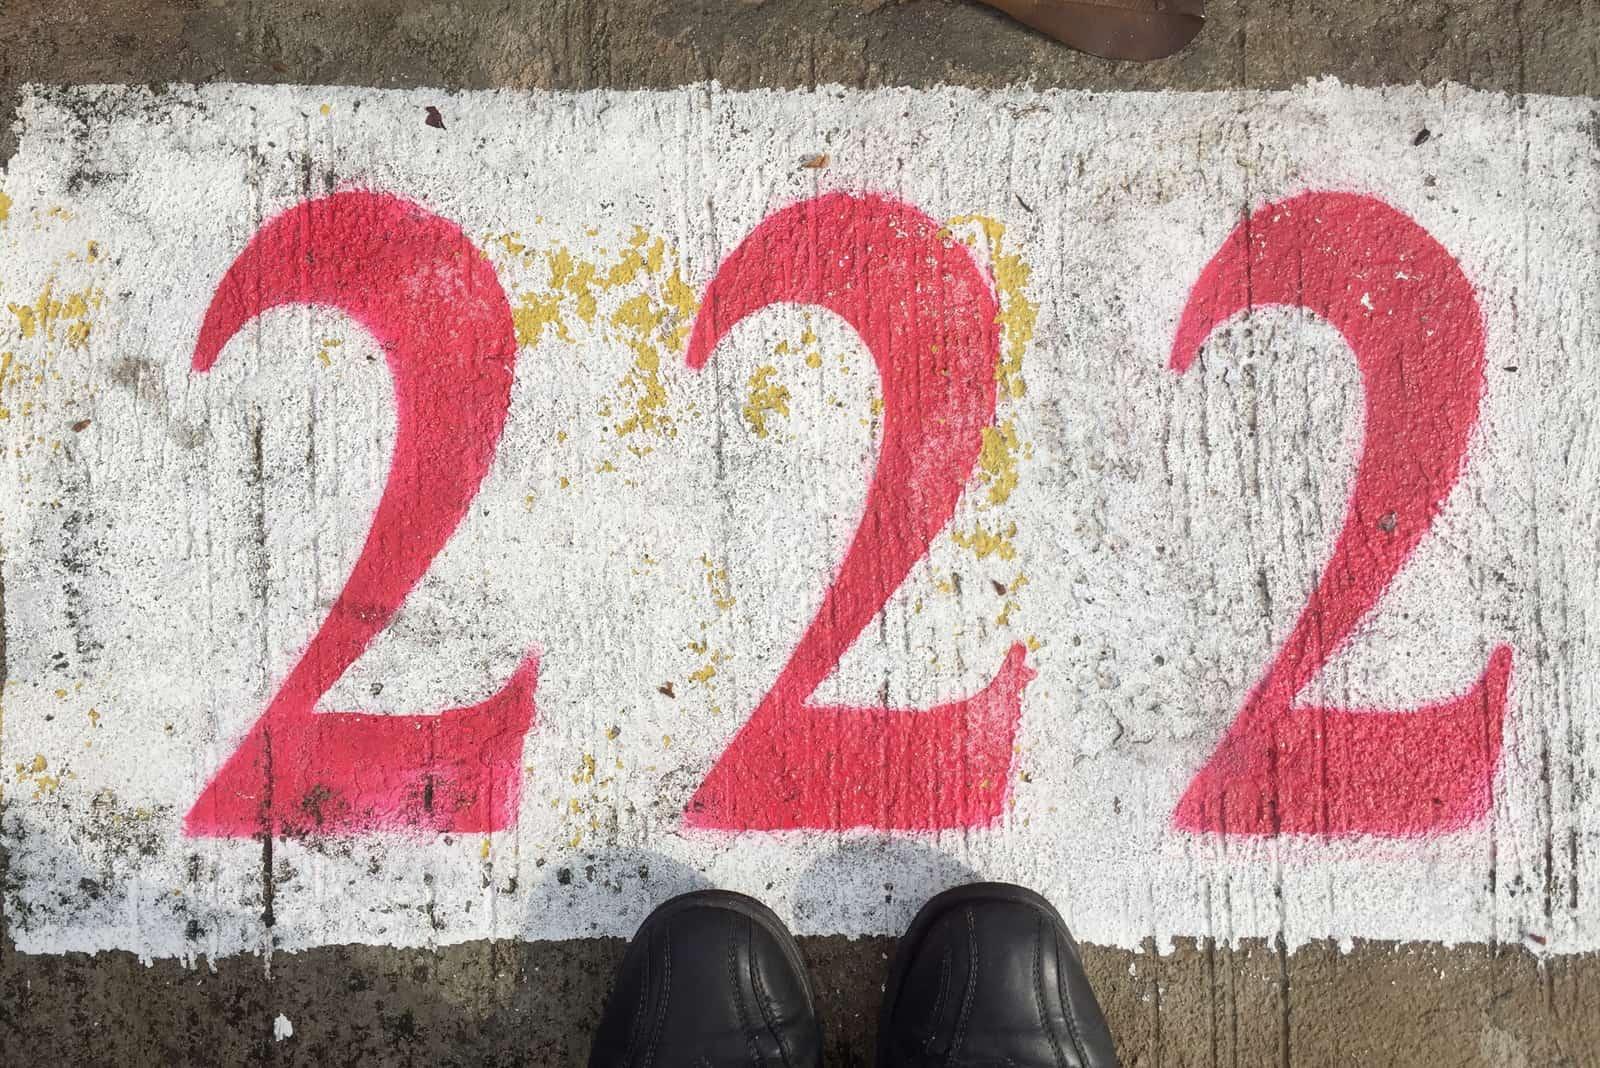 Ein Mann steht auf dem Beton neben der Inschrift 222